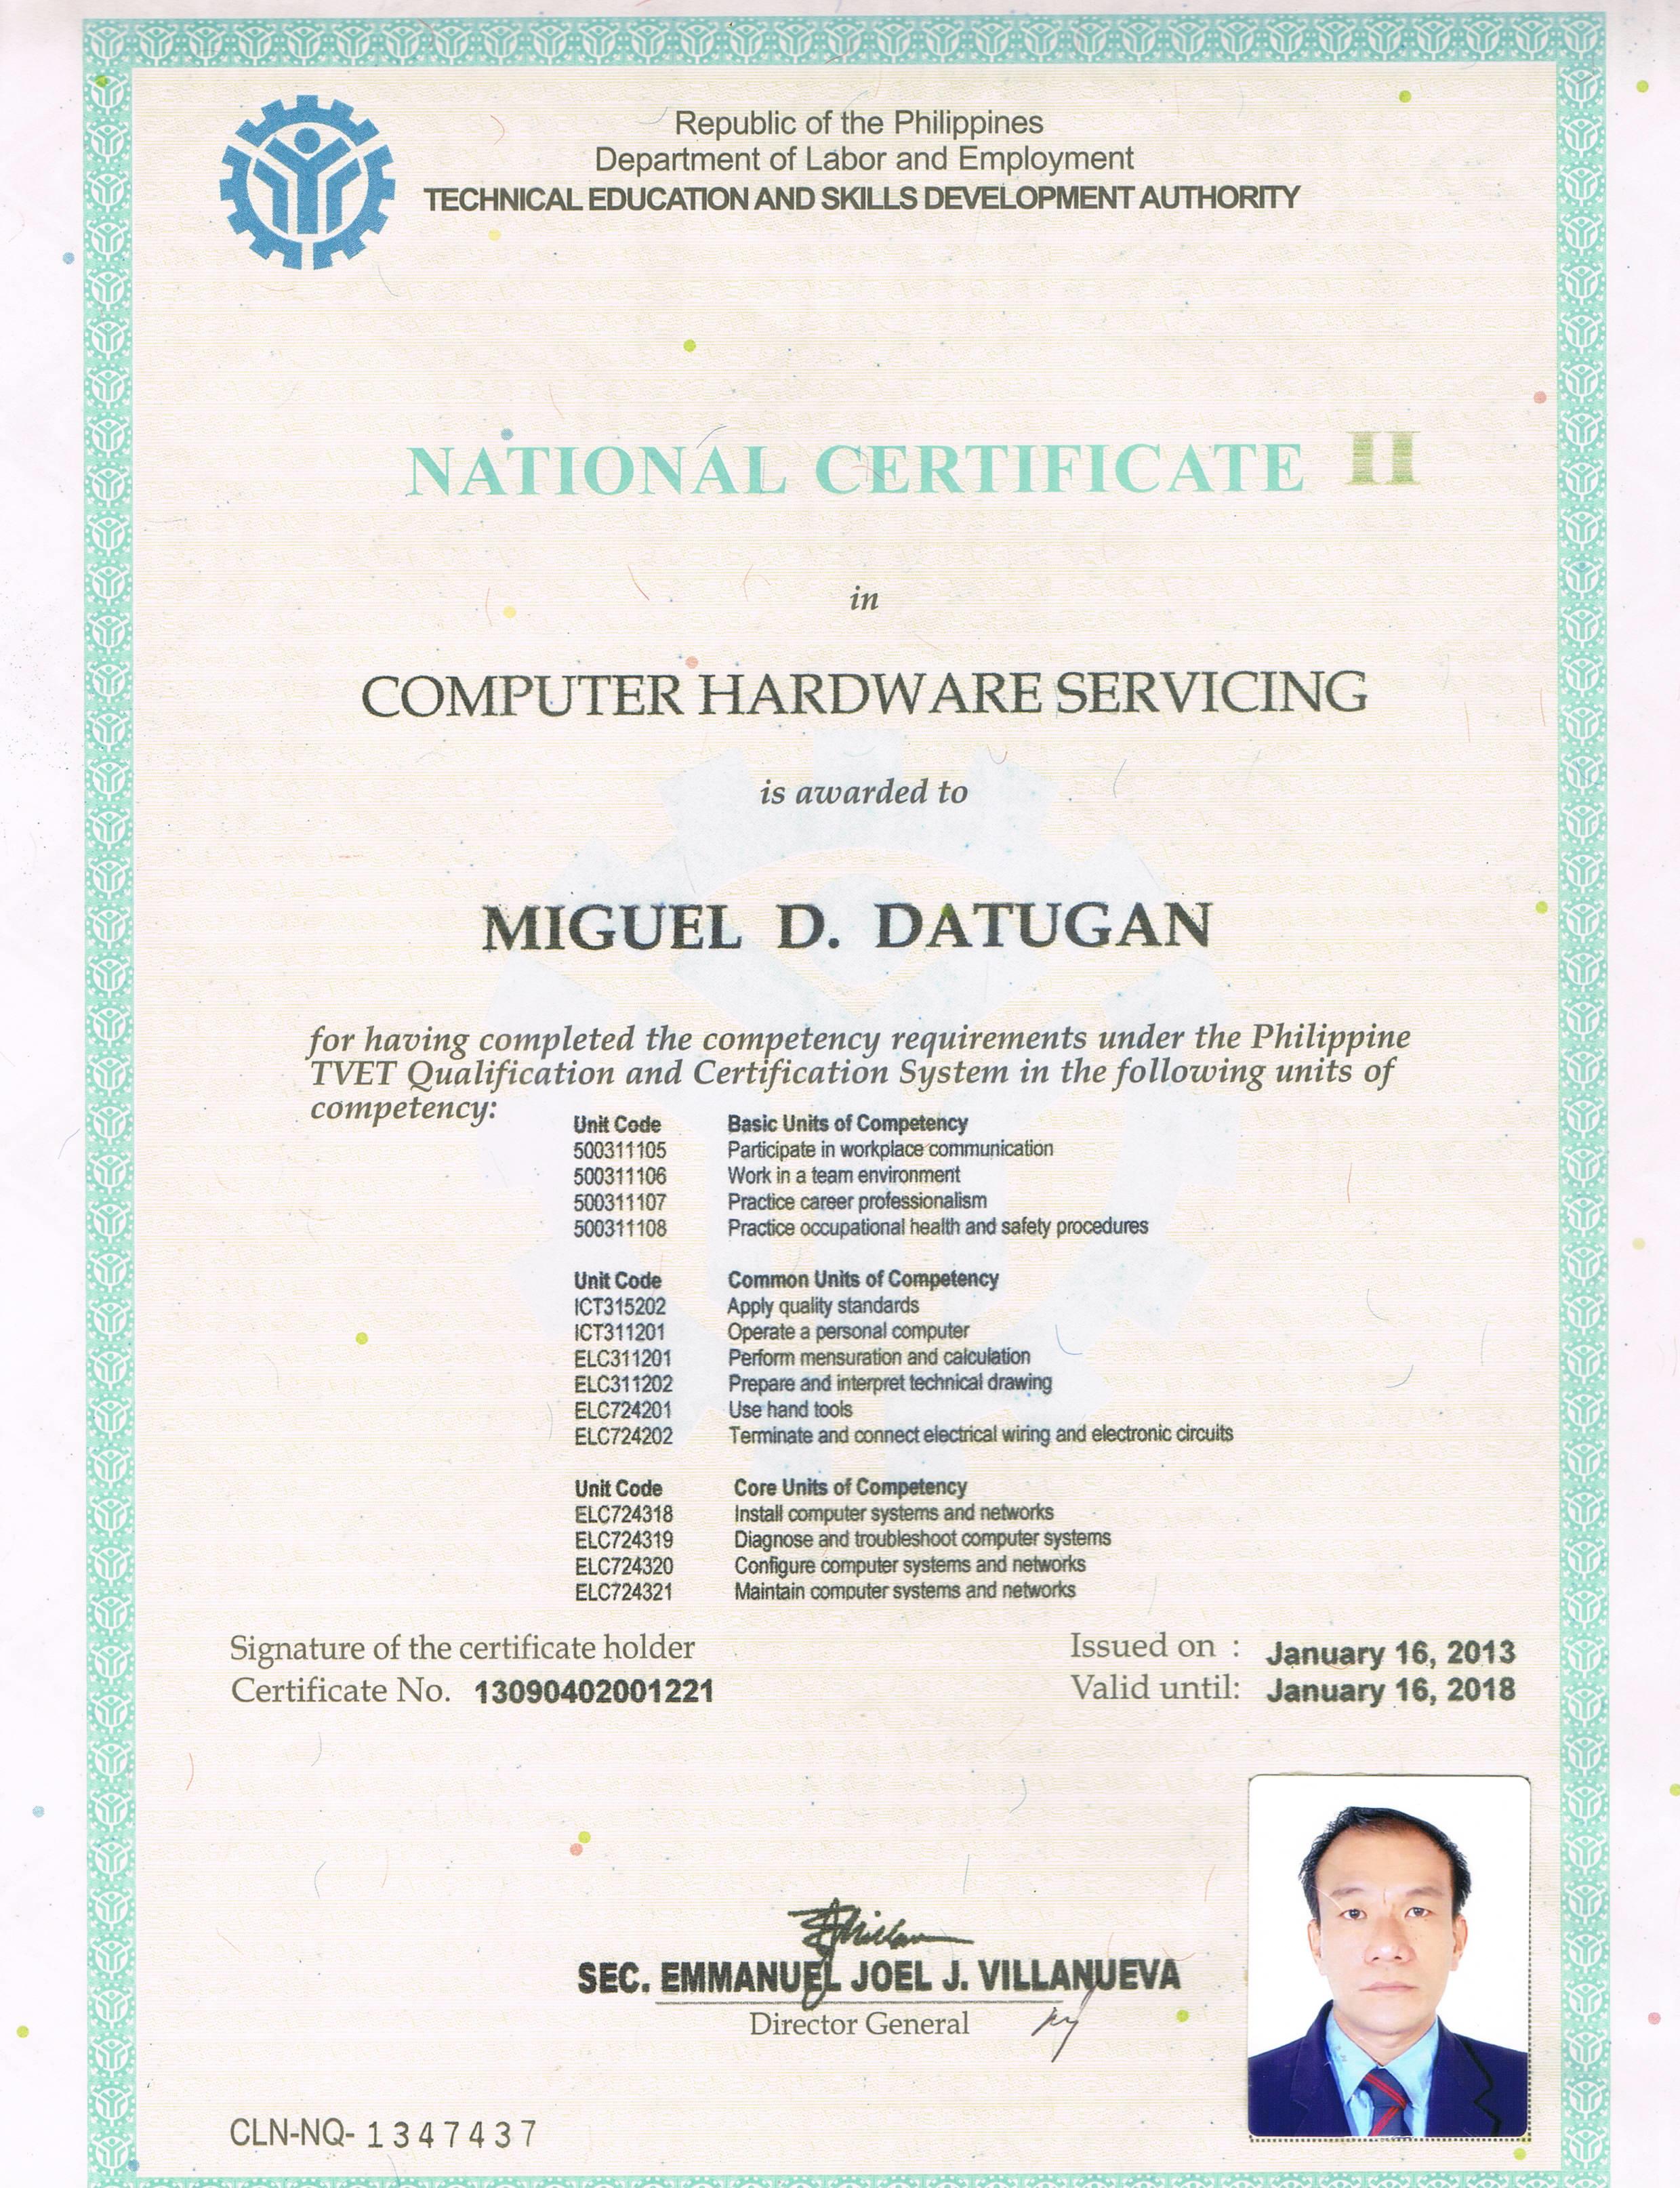 Miguel Datugan Bayt